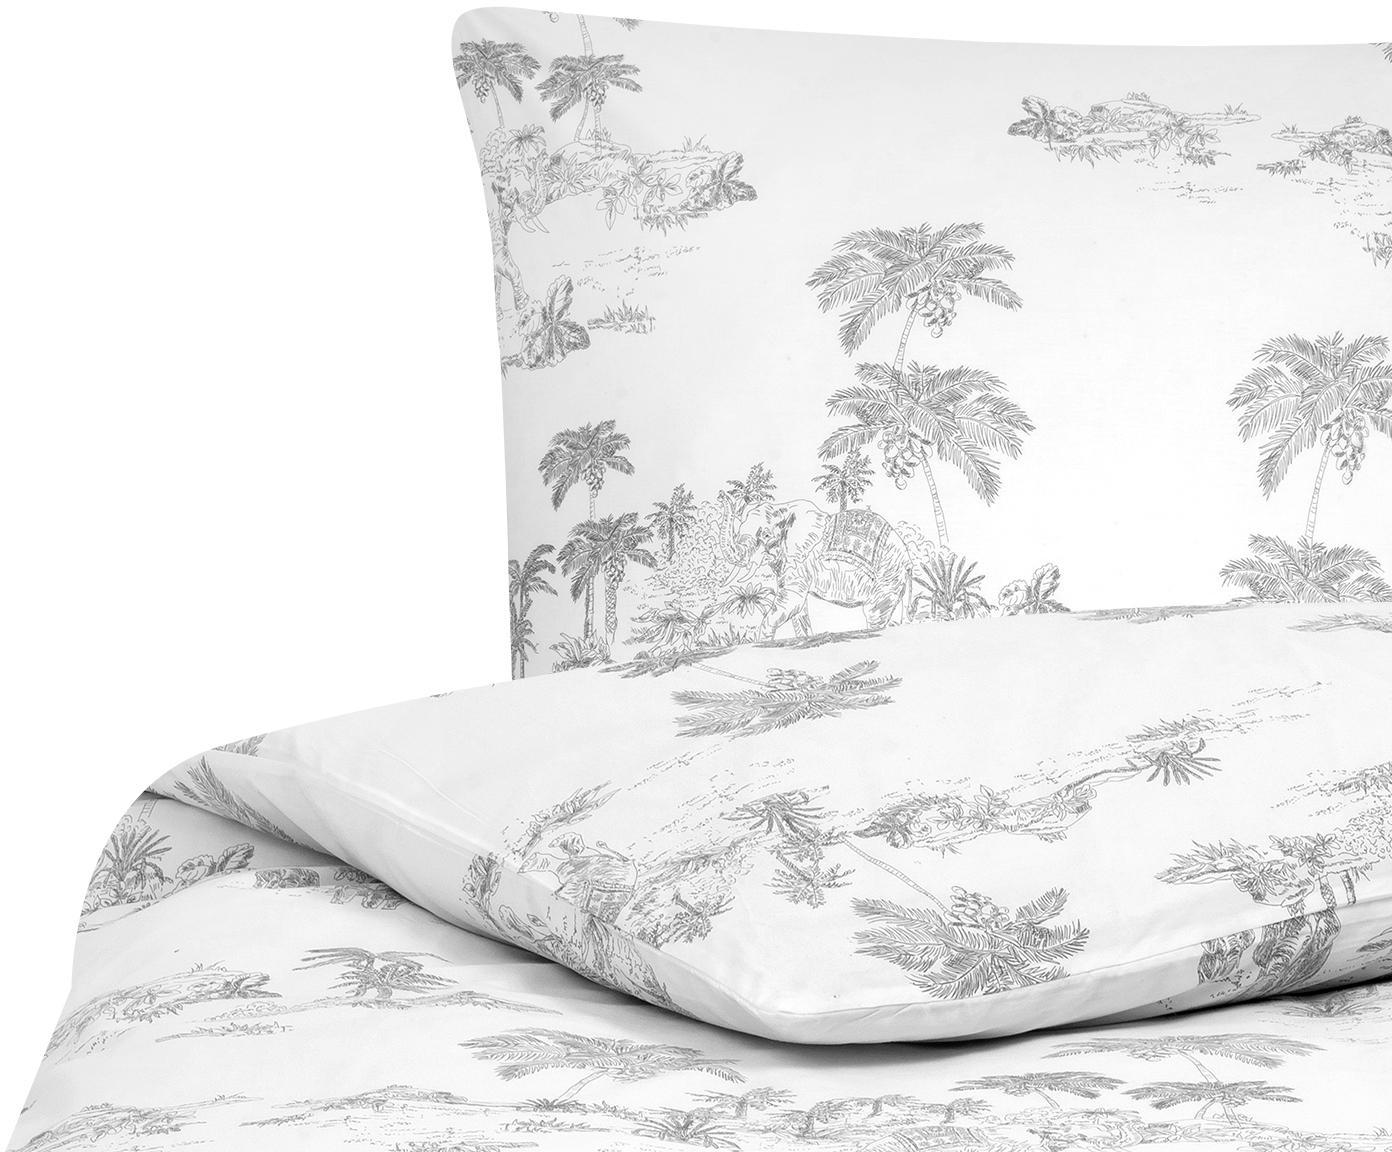 Baumwollperkal-Bettwäsche Forest mit gezeichnetem Print, Webart: Perkal Fadendichte 180 TC, Weiß, Grau, 135 x 200 cm + 1 Kissen 80 x 80 cm